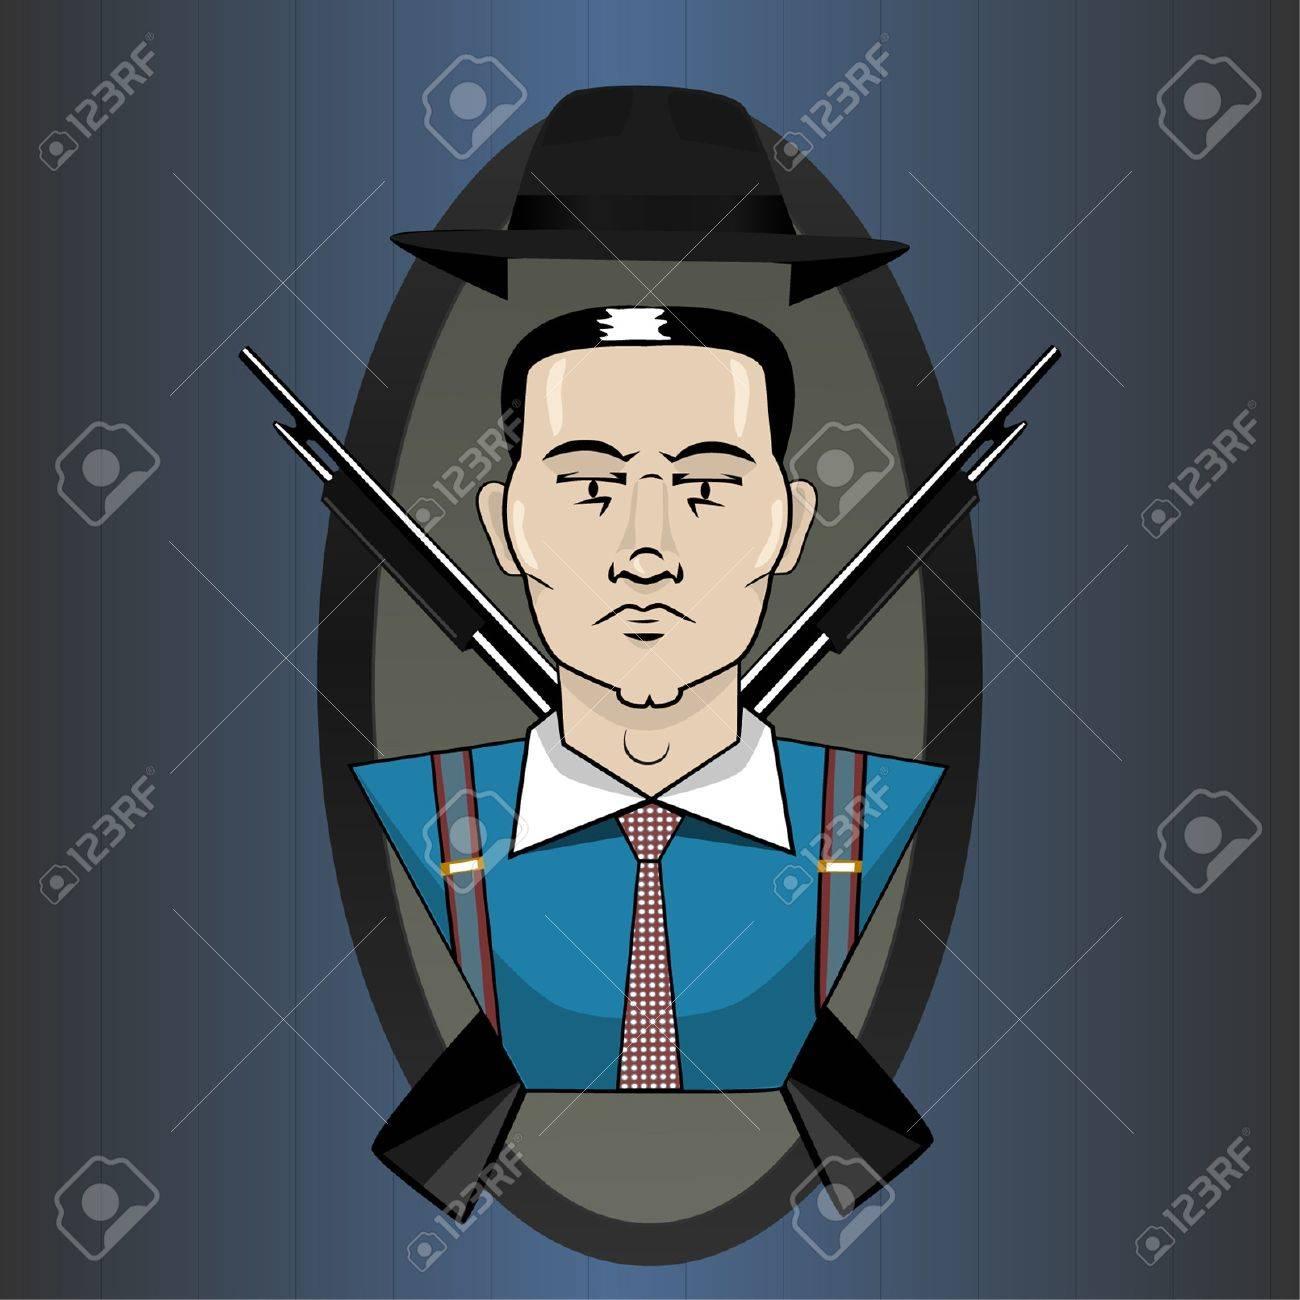 Mafia emblem Stock Vector - 11561836